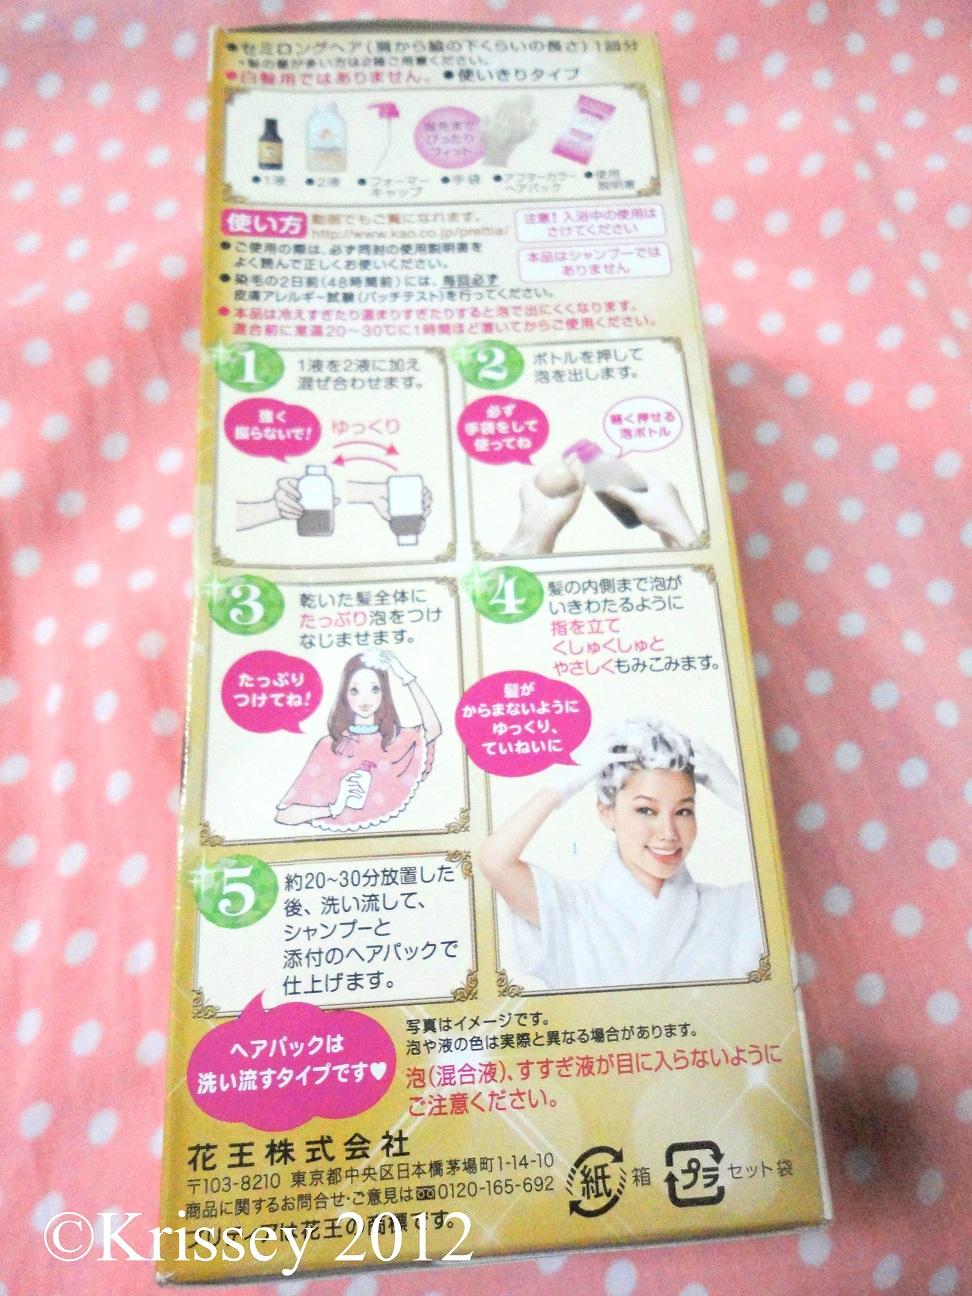 prettia hair dye instructions